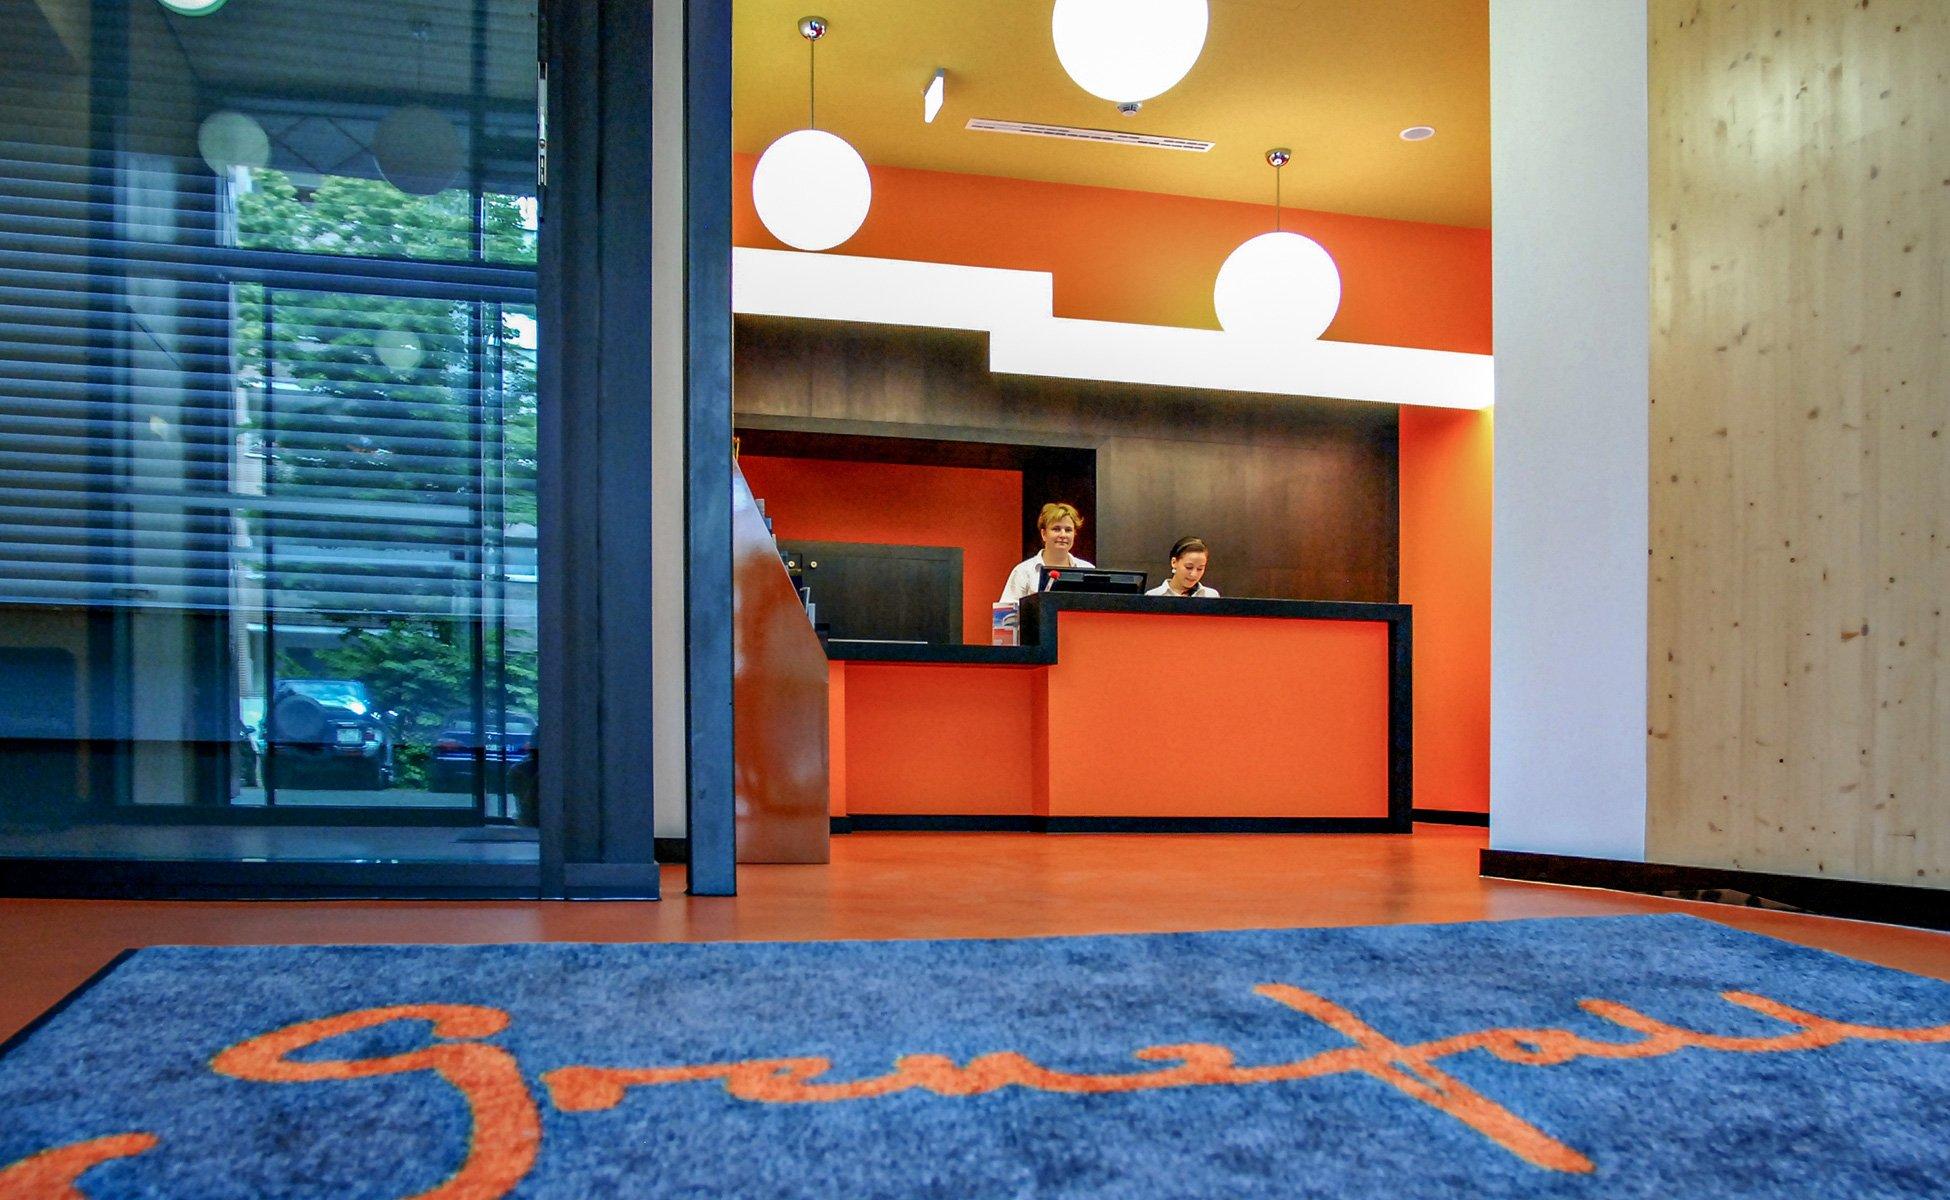 Hotel Grenzfall Eingang und Lobby